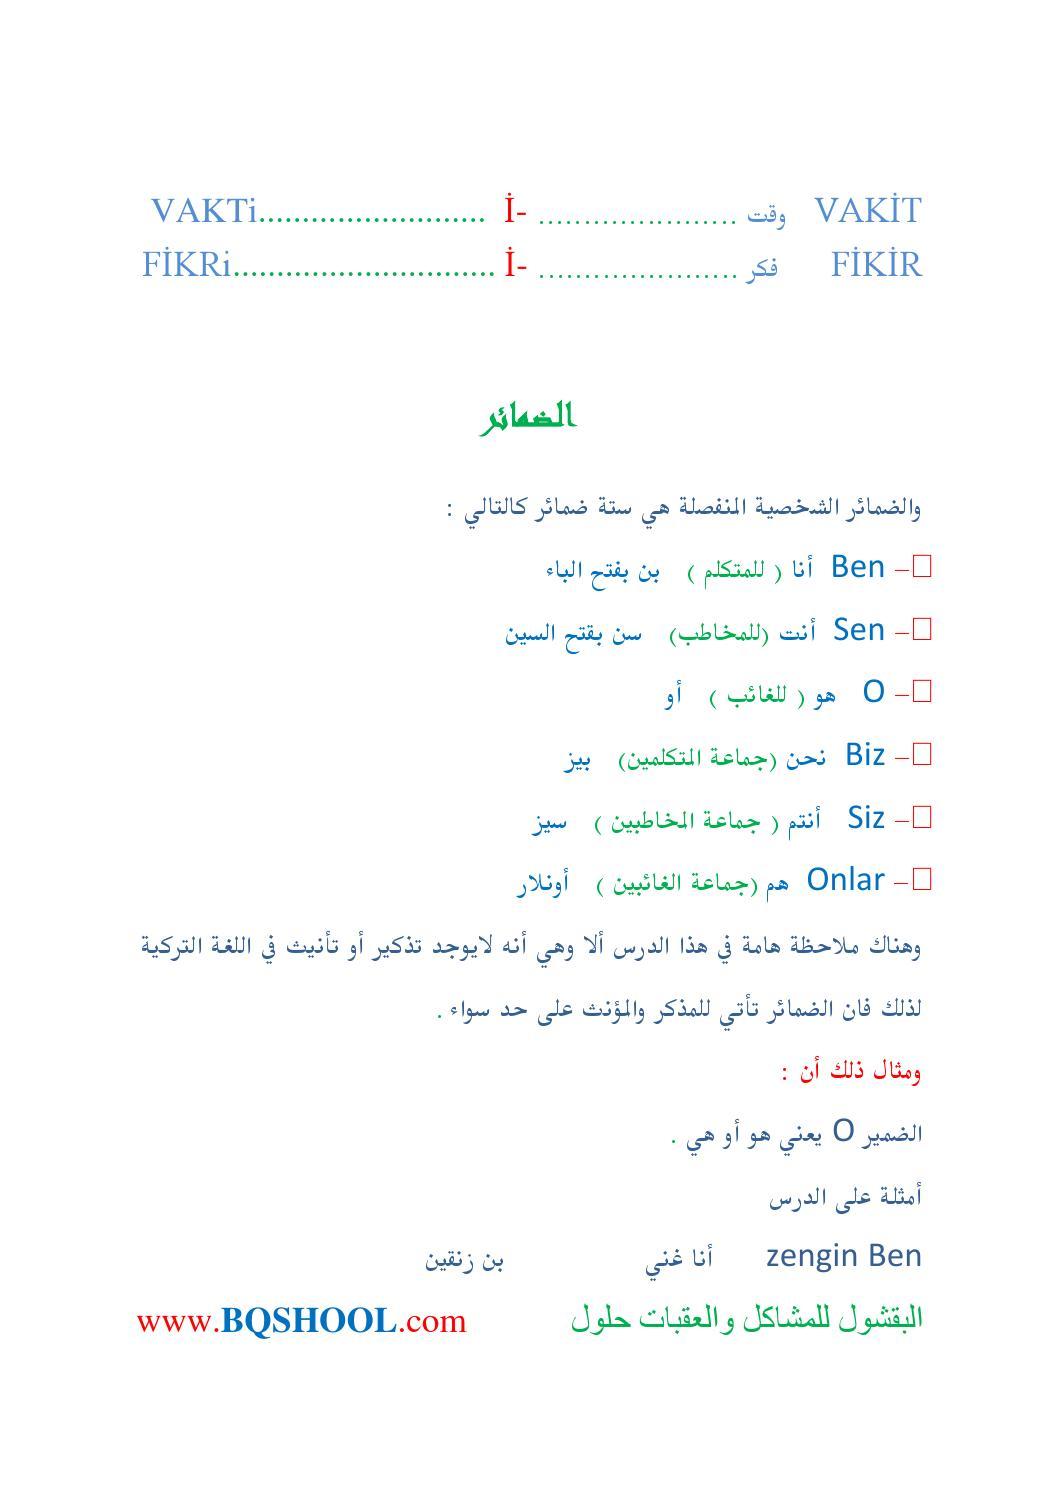 اللغة التركية المبسطة للعرب by zaid sameer - Issuu